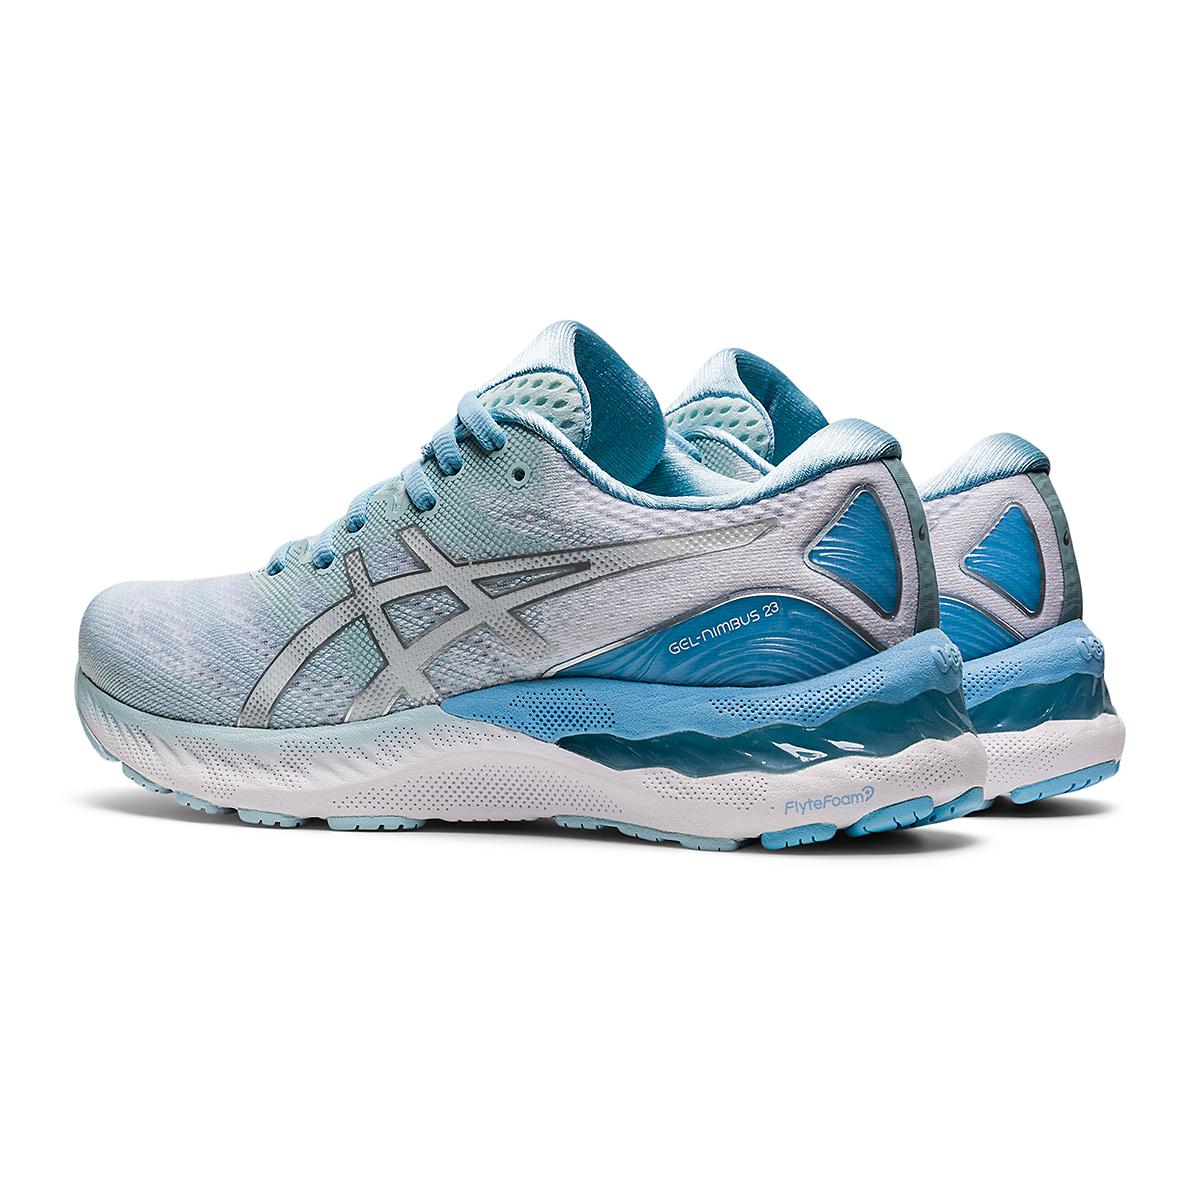 Women's Asics Gel-Nimbus 23 Running Shoe - Color: Aqua Angel/Pure - Size: 5 - Width: Regular, Aqua Angel/Pure, large, image 4